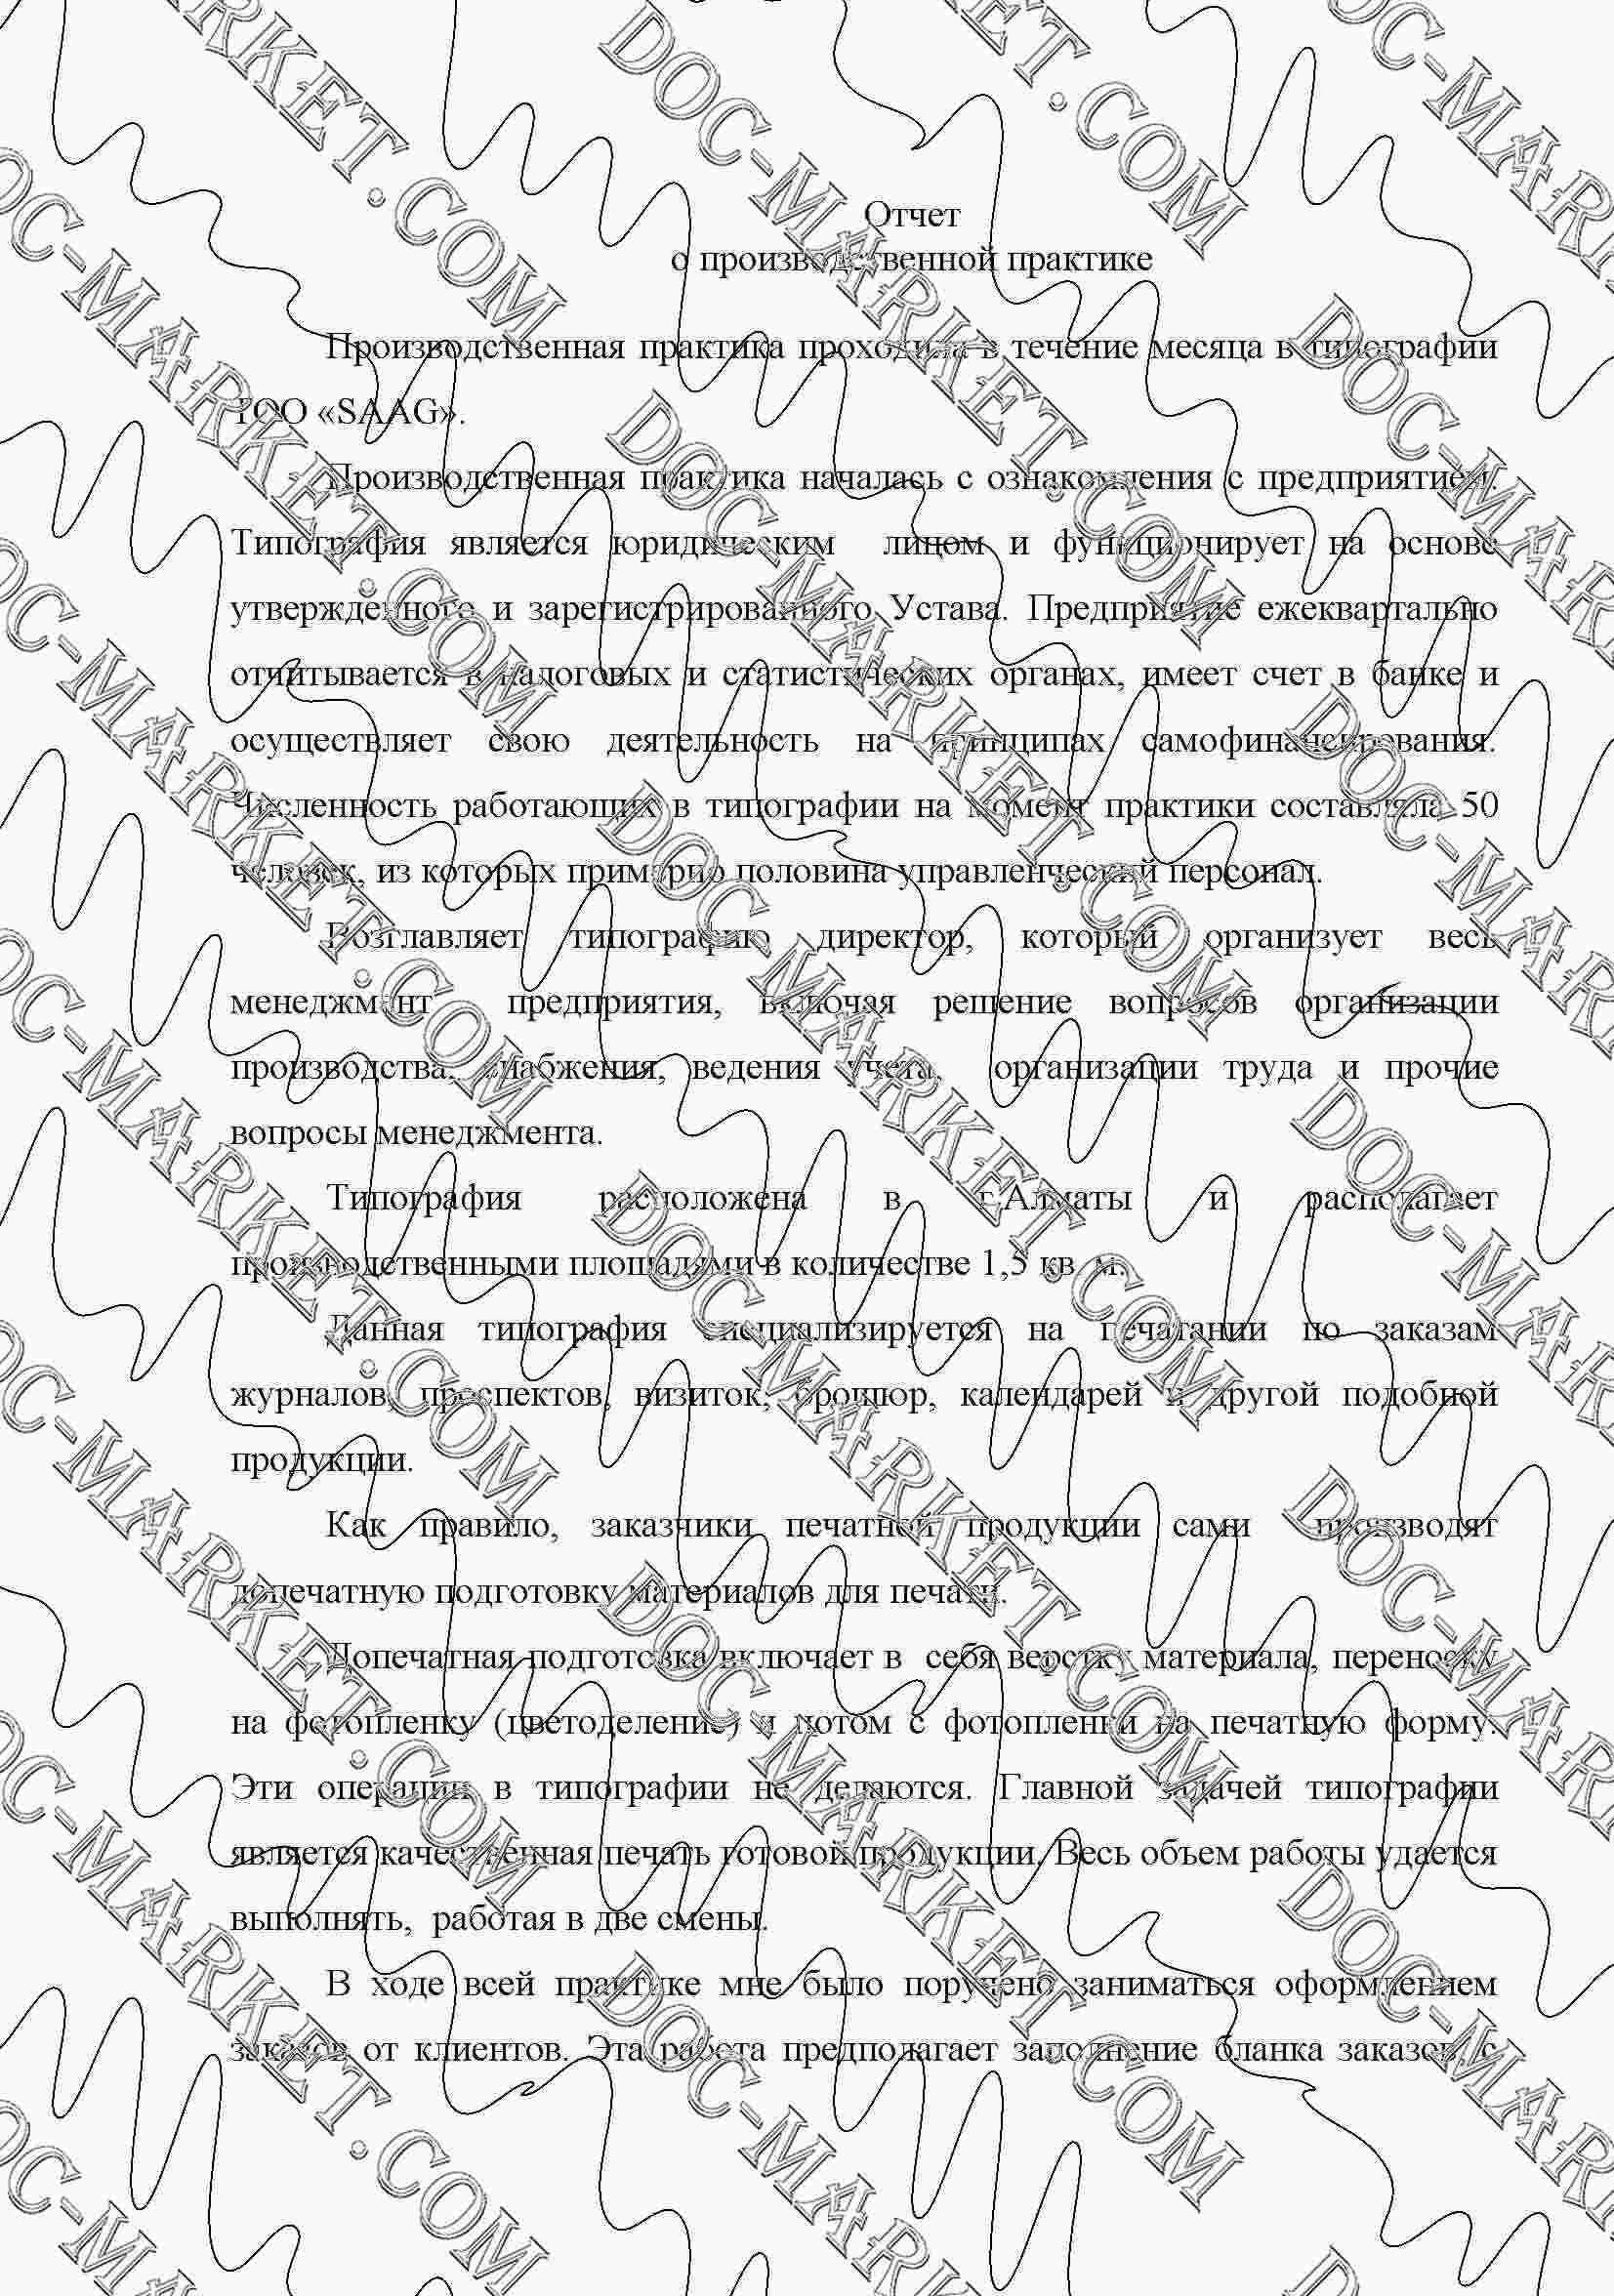 Другая отчет о практике в типографии посмотреть по предмету  бухучет в типографии